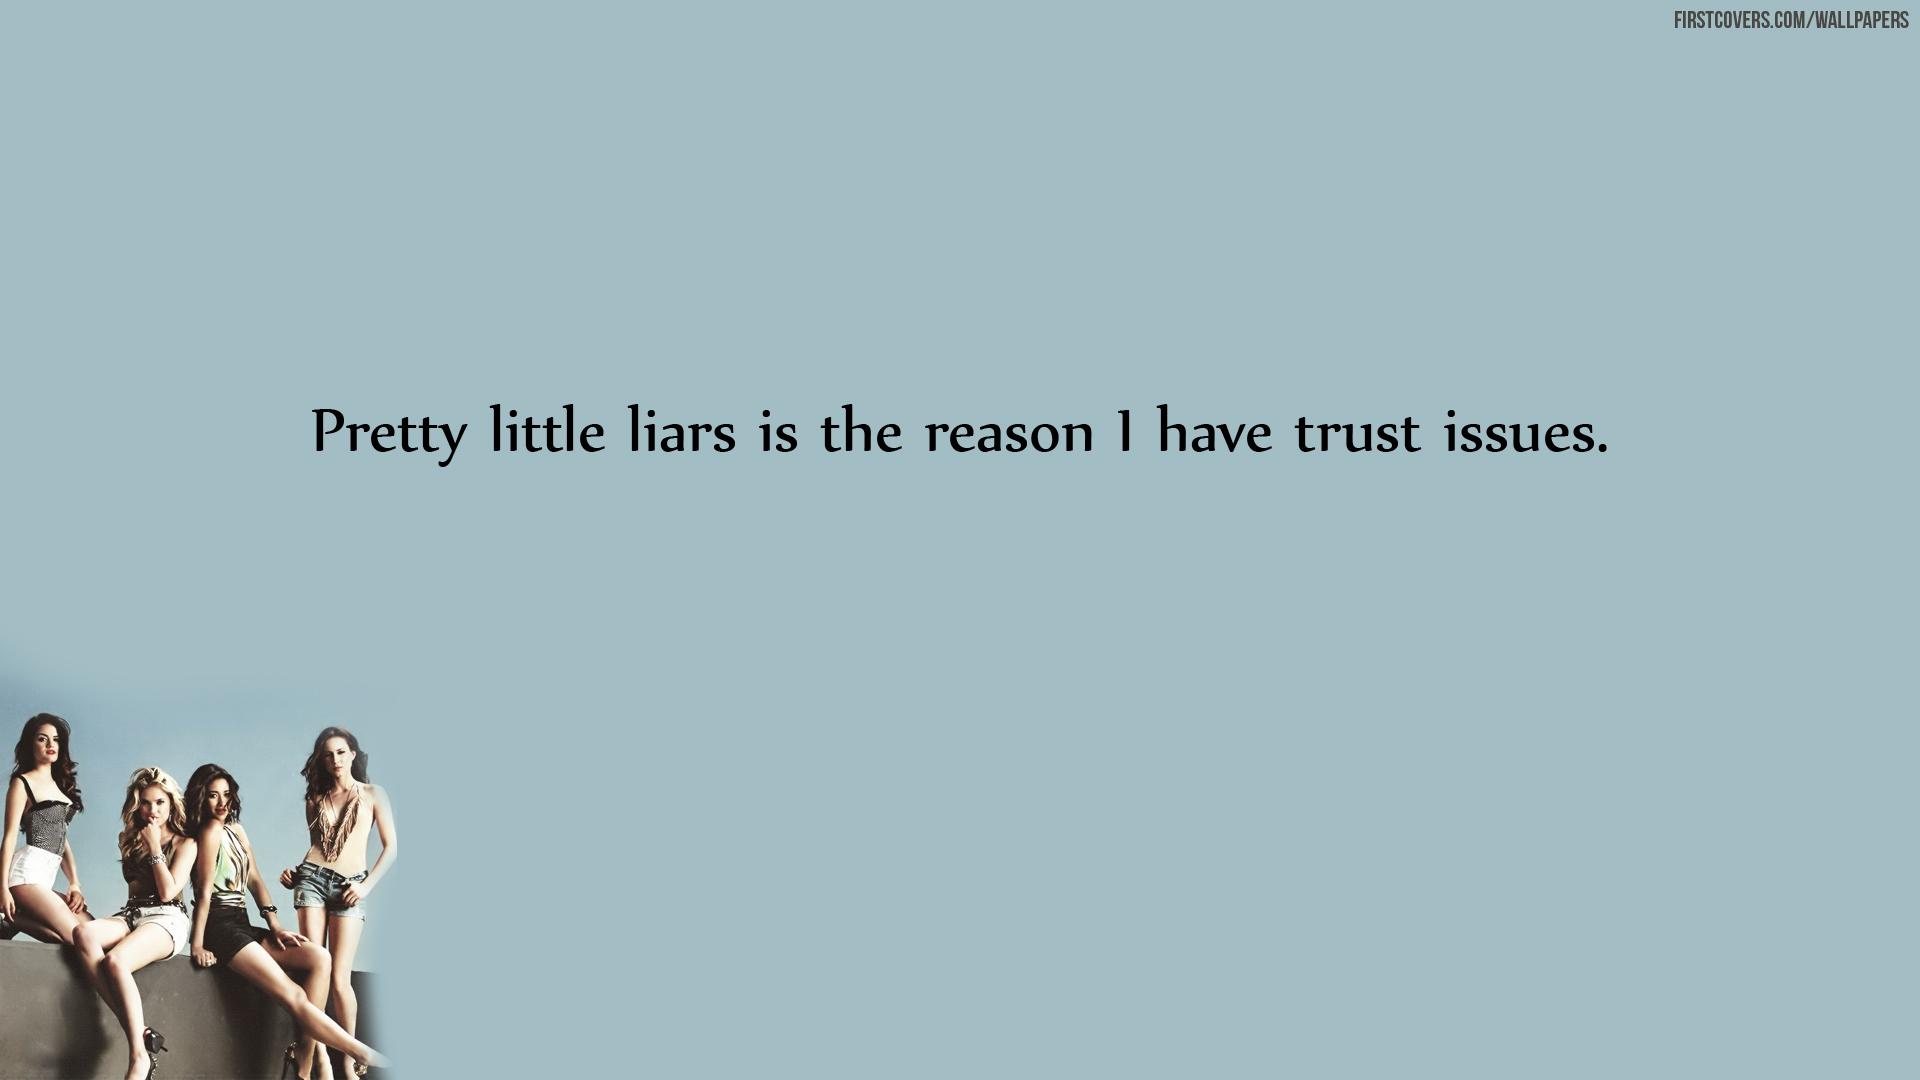 New Pretty Little Liars Wallpaper 1920x1080